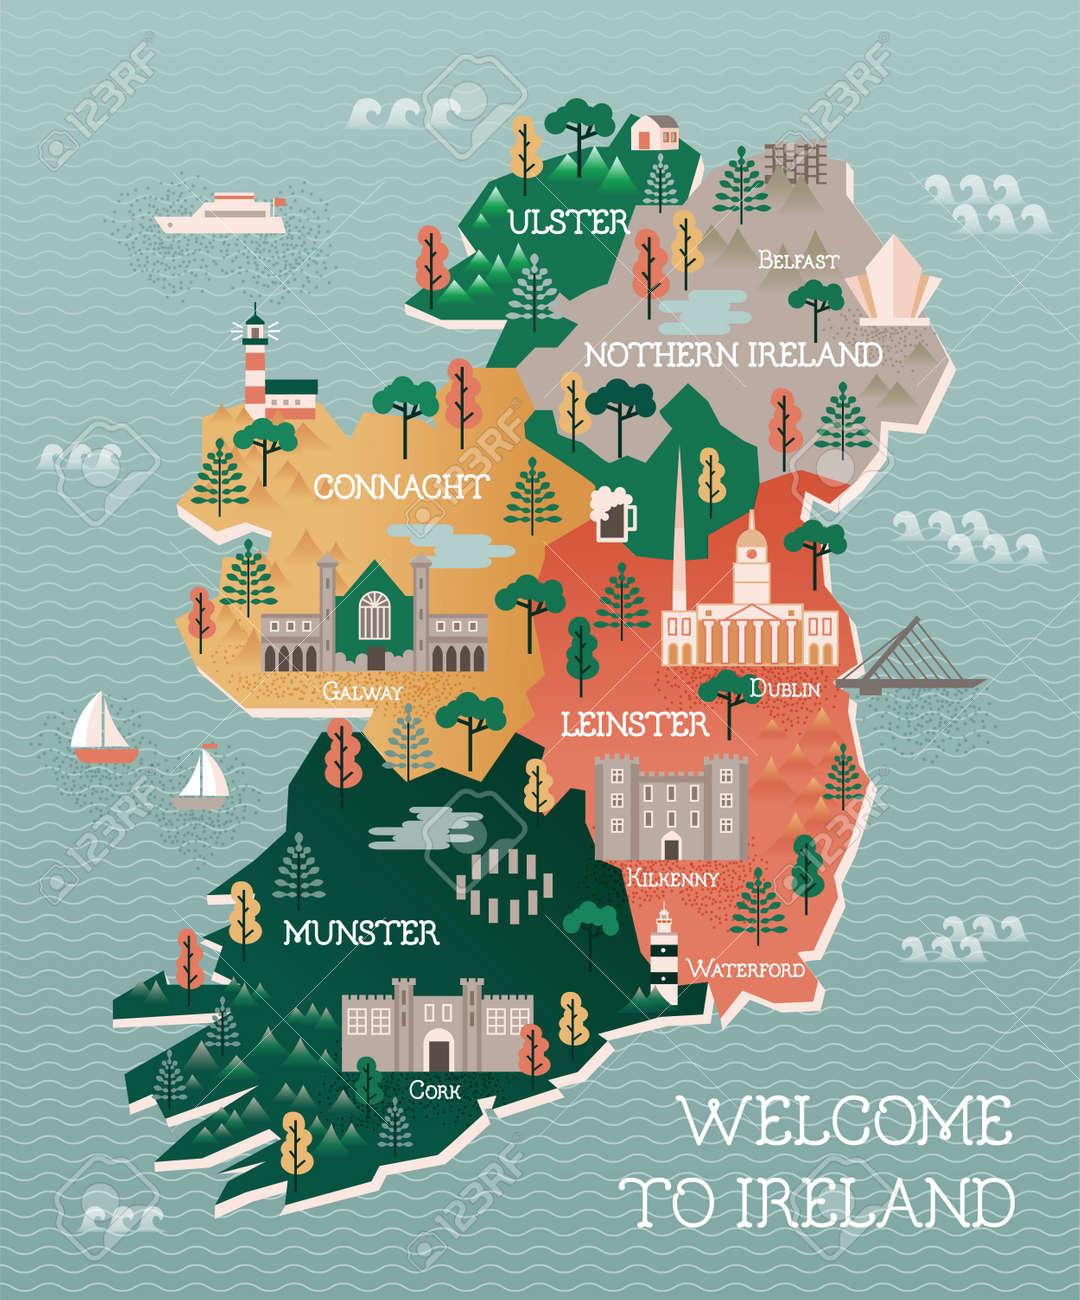 Flat Illustration With Stylized Travel Map Of Ireland The Landmarks